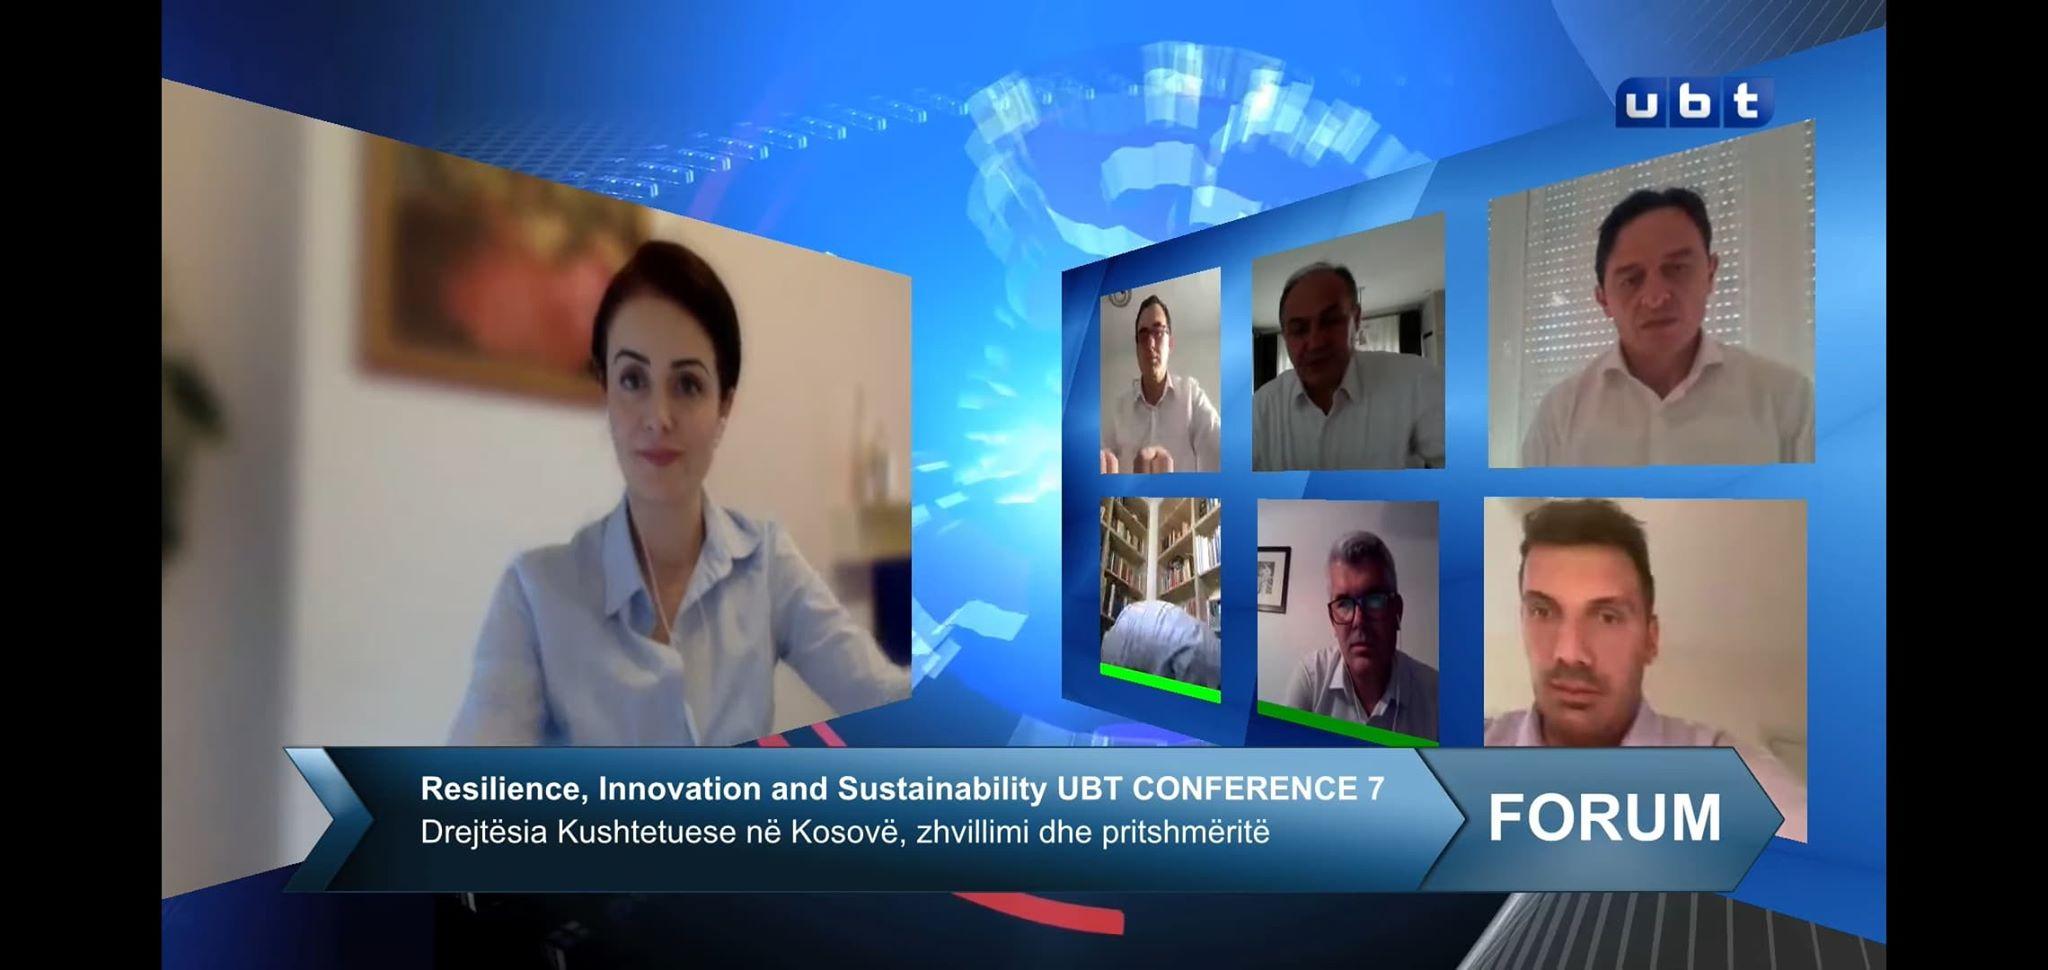 UBT mbajti konferencën online kushtuar 12-vjetorit të hyrjes në fuqi të Kushtetutës së Kosovës